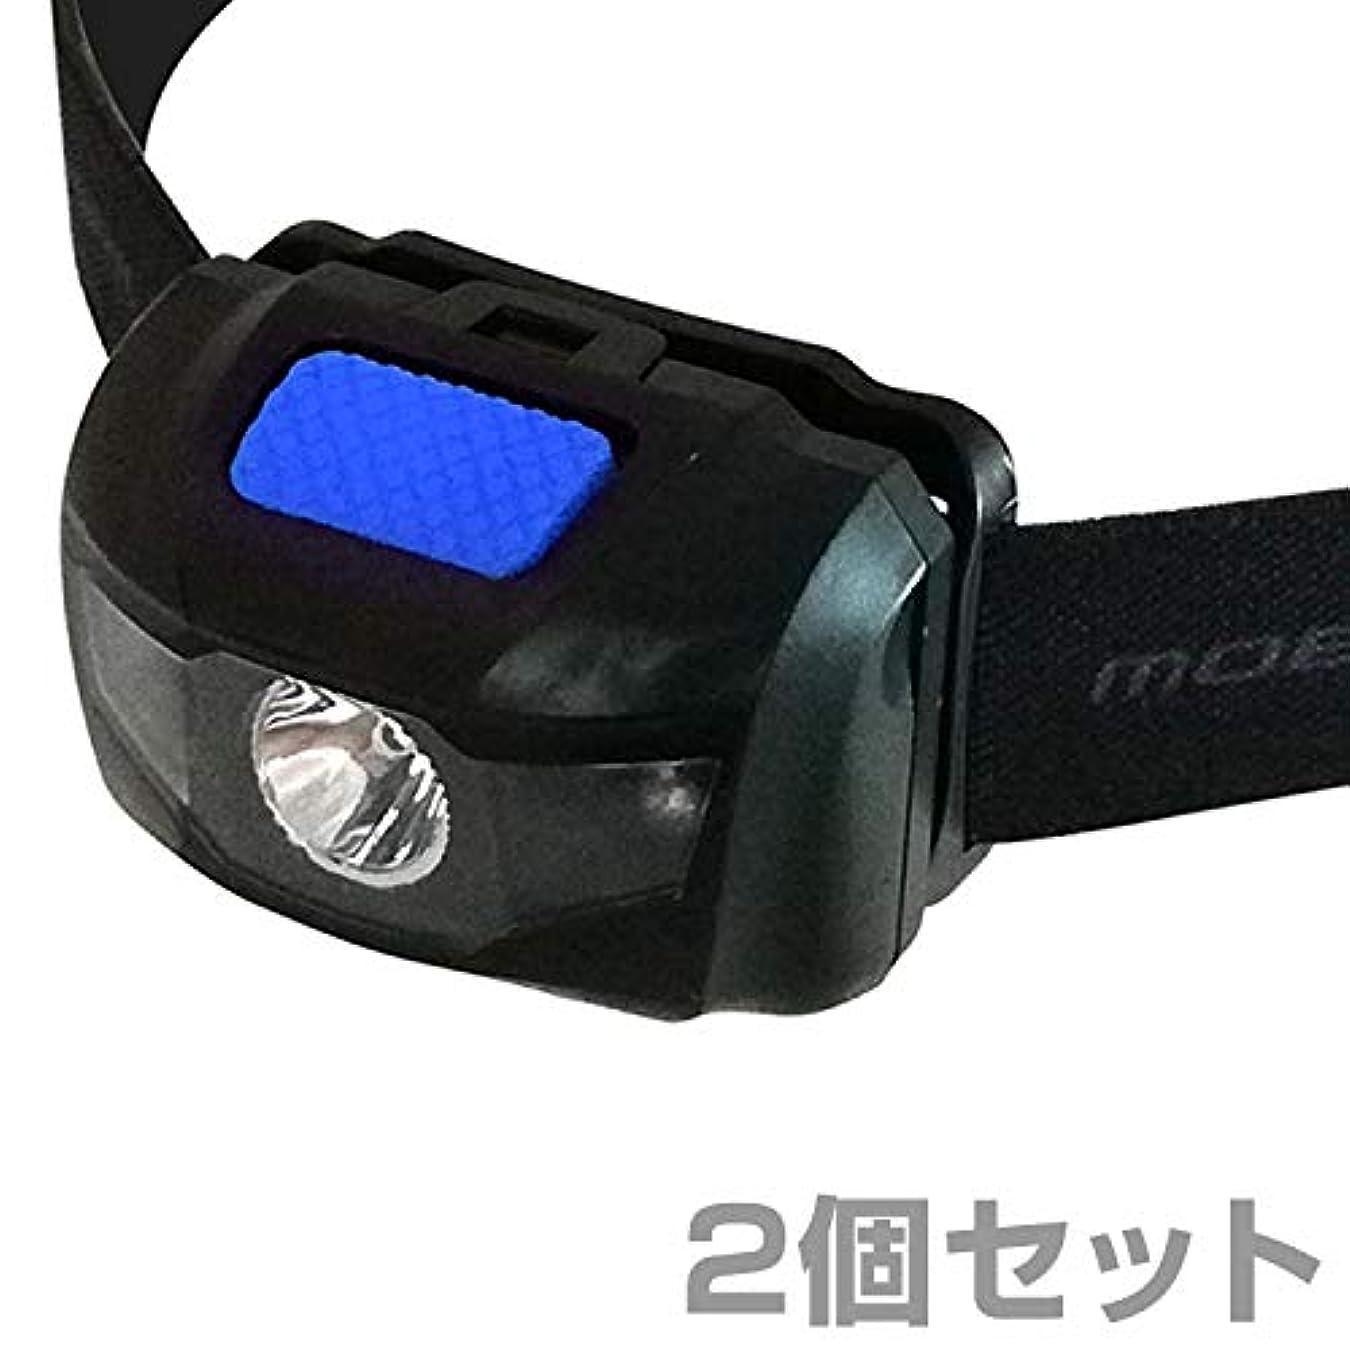 冬パワー十分にモブリロ(MOBRILLO) ヘッドライト 乾電池式 防塵防水仕様 100ルーメン 2個セット MB-B100S*2 ツインタイプ(手元を明るく)